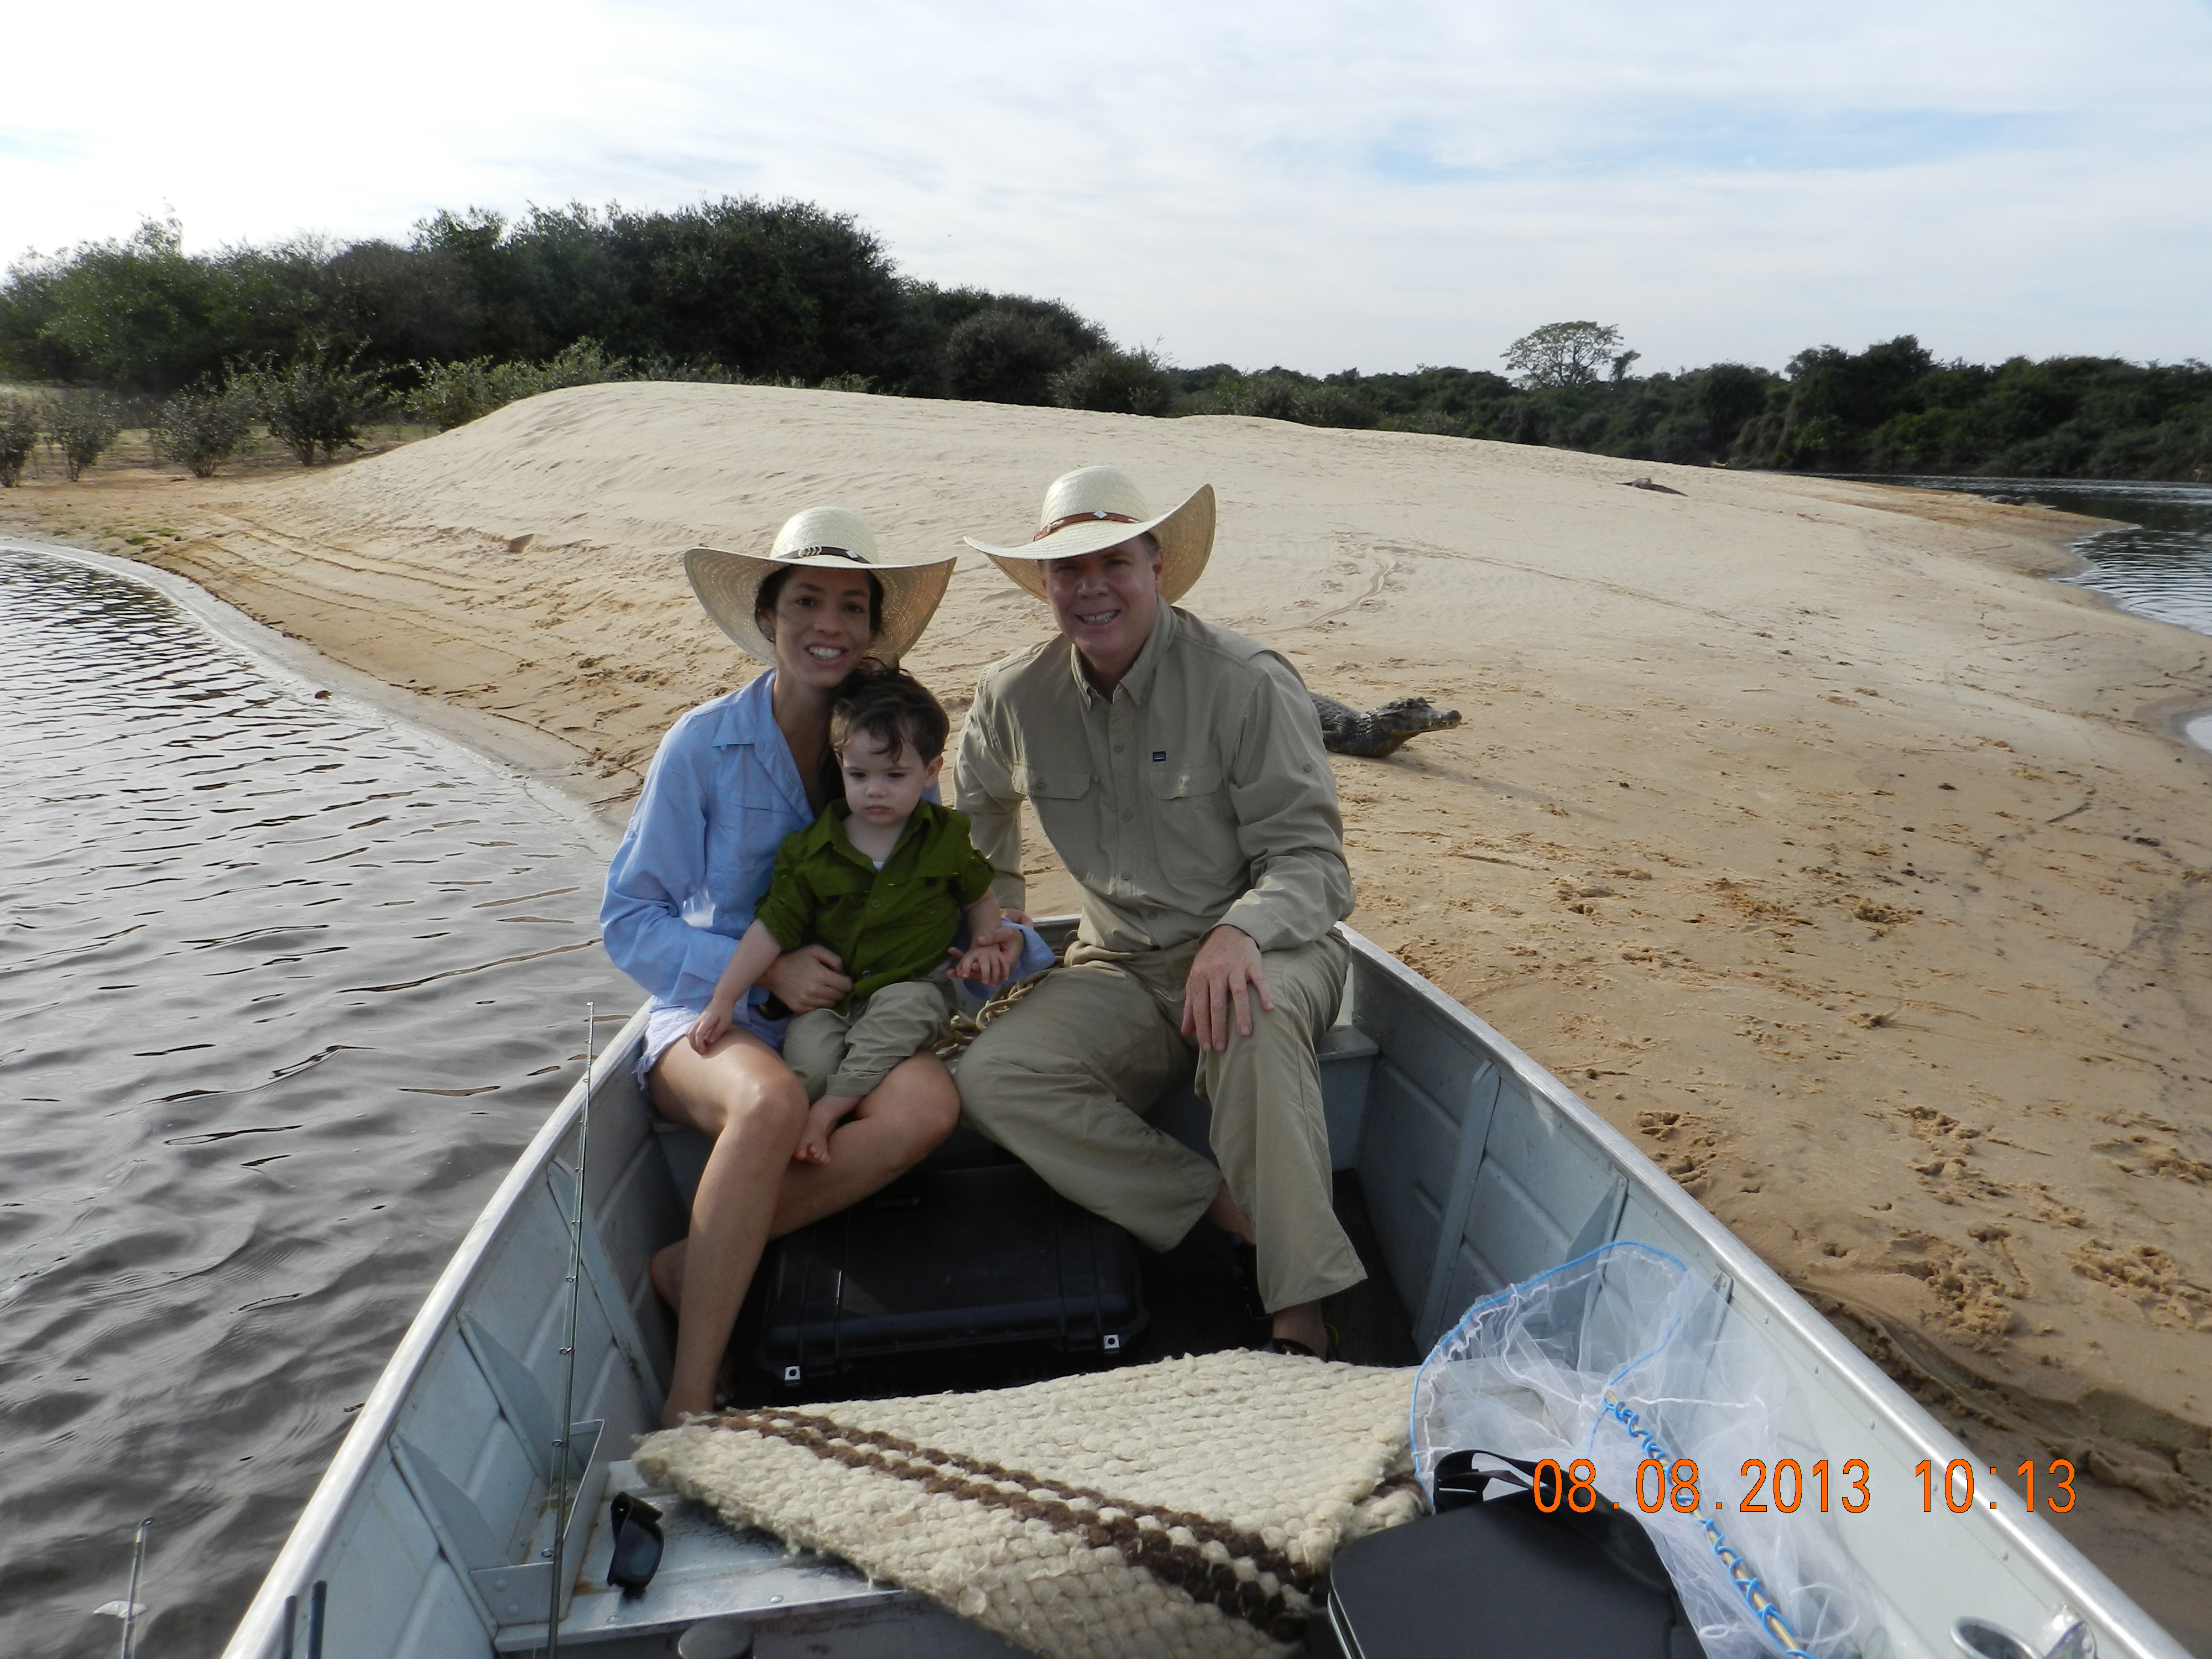 Sarah, Enrico e Christian no Pantanal - 2013